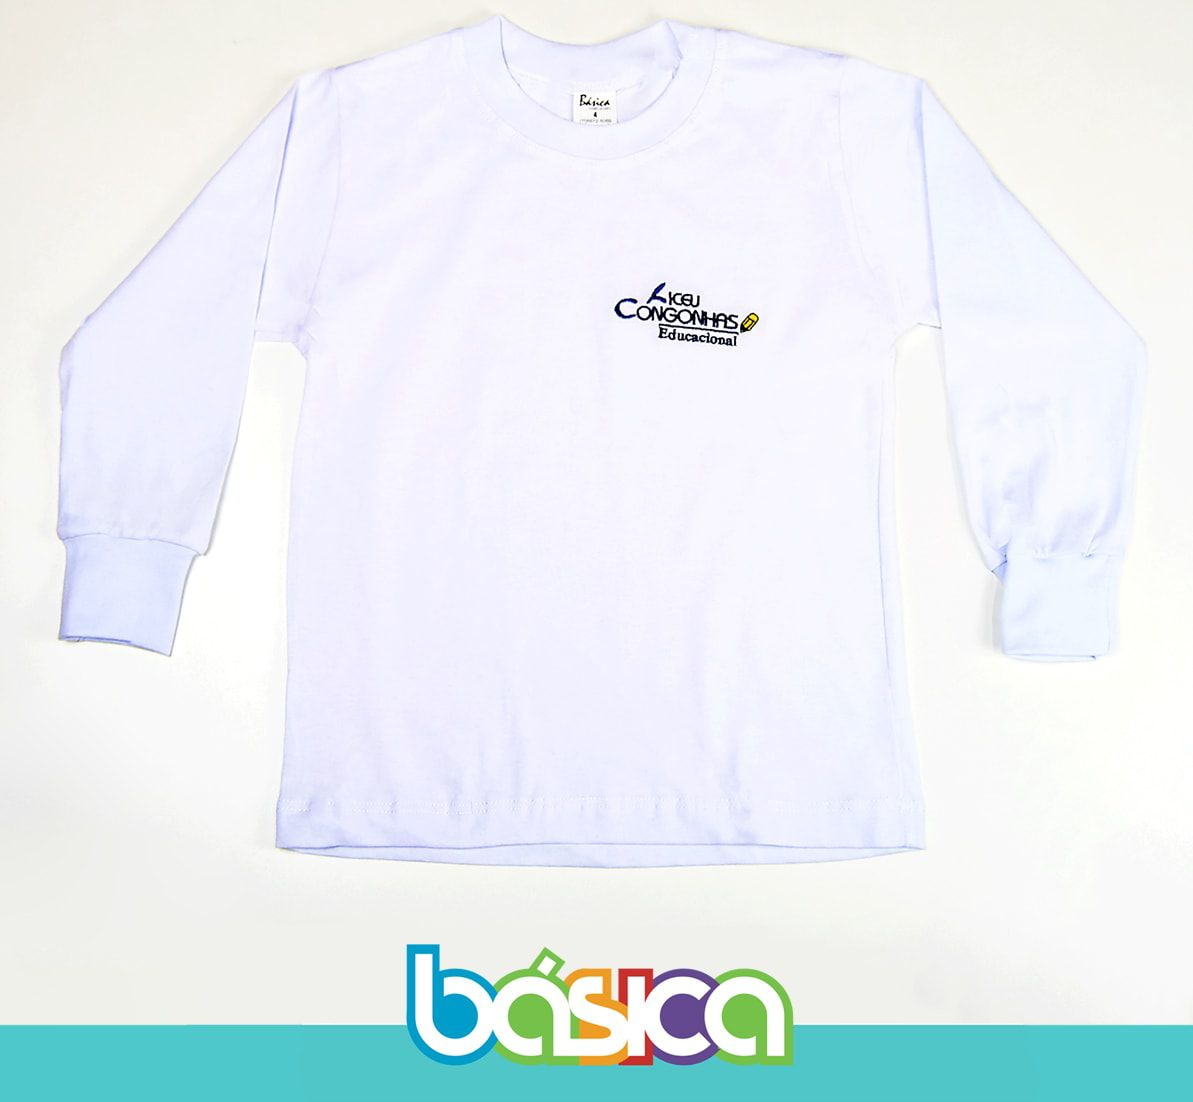 Camiseta Manga Longa Liceu Congonhas  - BÁSICA UNIFORMES